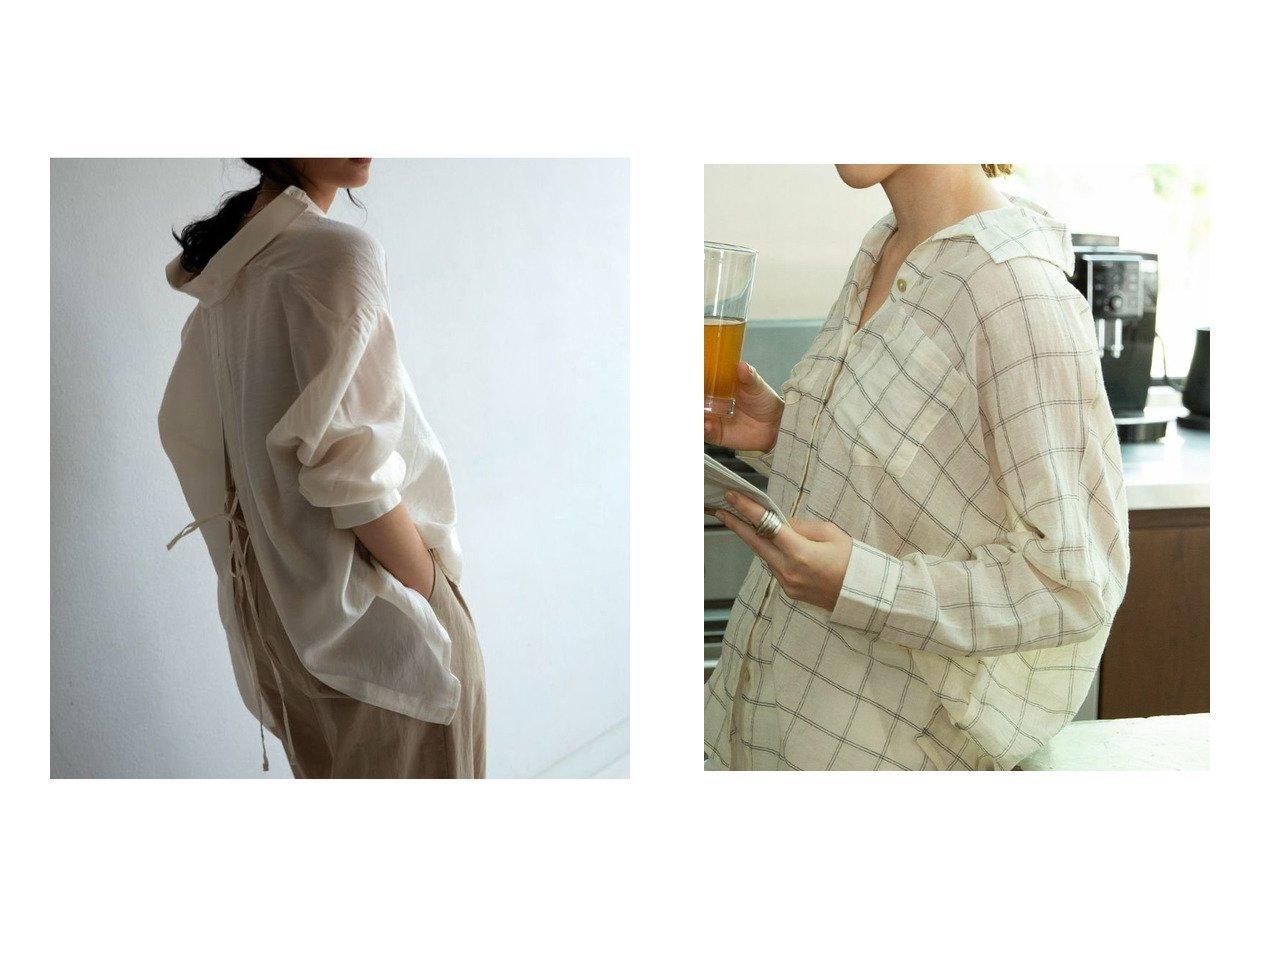 【marjour/マージュール】のmarjourバックスリットシャツ BACK SLIT SHIRTS&marjourチェックシャツ WINDOWPANE CHECK SHIRTS マージュールのおすすめ!人気、トレンド・レディースファッションの通販 おすすめで人気の流行・トレンド、ファッションの通販商品 メンズファッション・キッズファッション・インテリア・家具・レディースファッション・服の通販 founy(ファニー) https://founy.com/ ファッション Fashion レディースファッション WOMEN トップス カットソー Tops Tshirt シャツ/ブラウス Shirts Blouses ロング / Tシャツ T-Shirts バッグ Bag インナー スリット バランス フロント リボン おすすめ Recommend キャミソール シアー タンク チェック トレンド 今季  ID:crp329100000021573